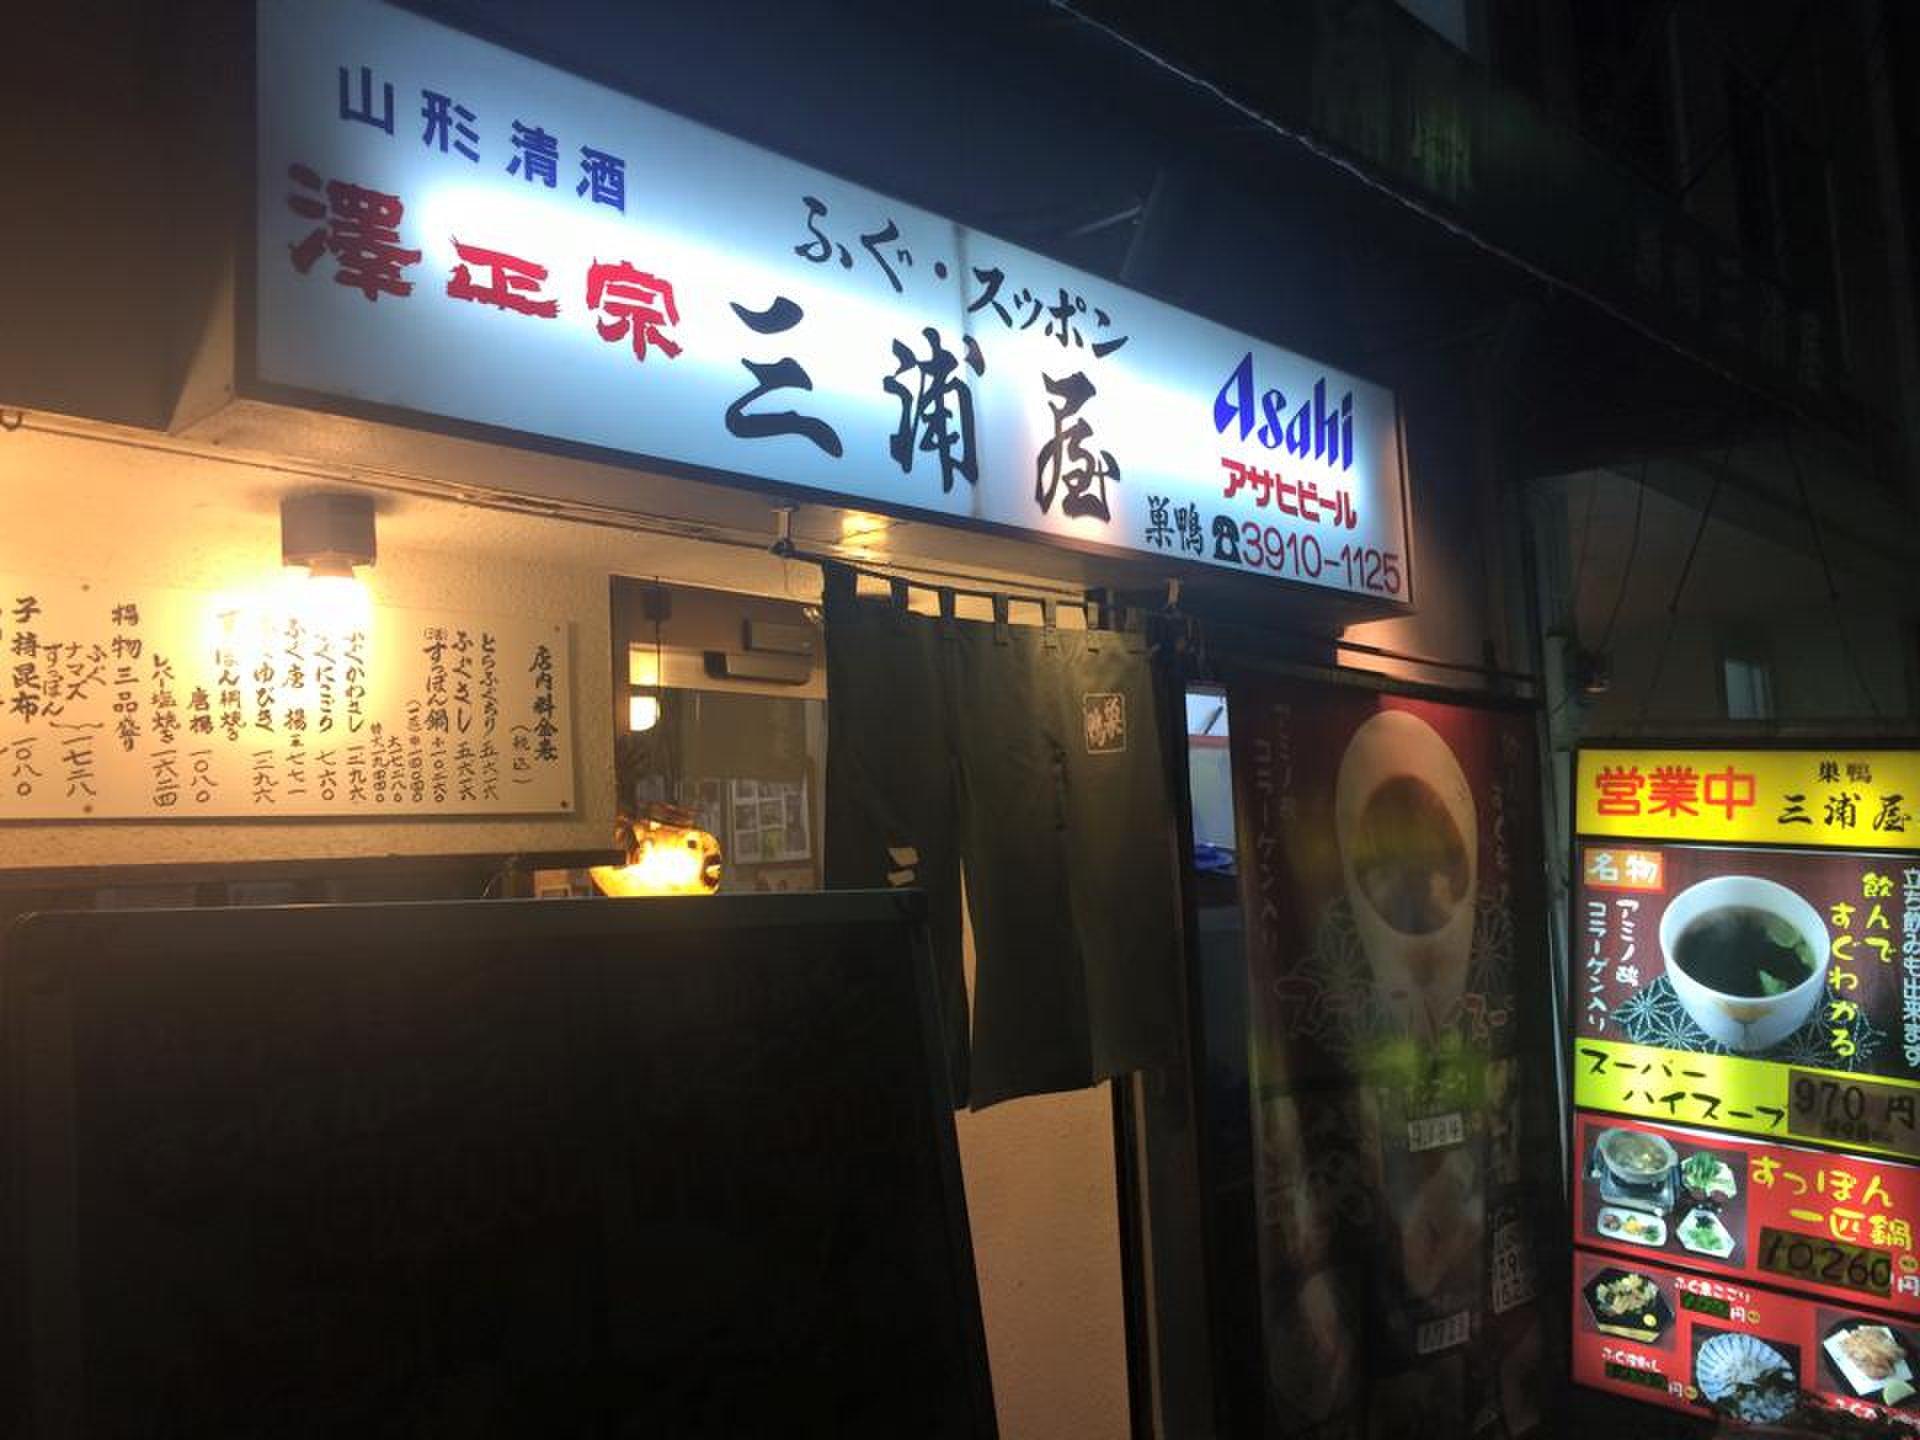 【精力増強・美容効果】巣鴨おすすめ最高人気のおいしい絶品すっぽん鍋・三浦屋に行く。